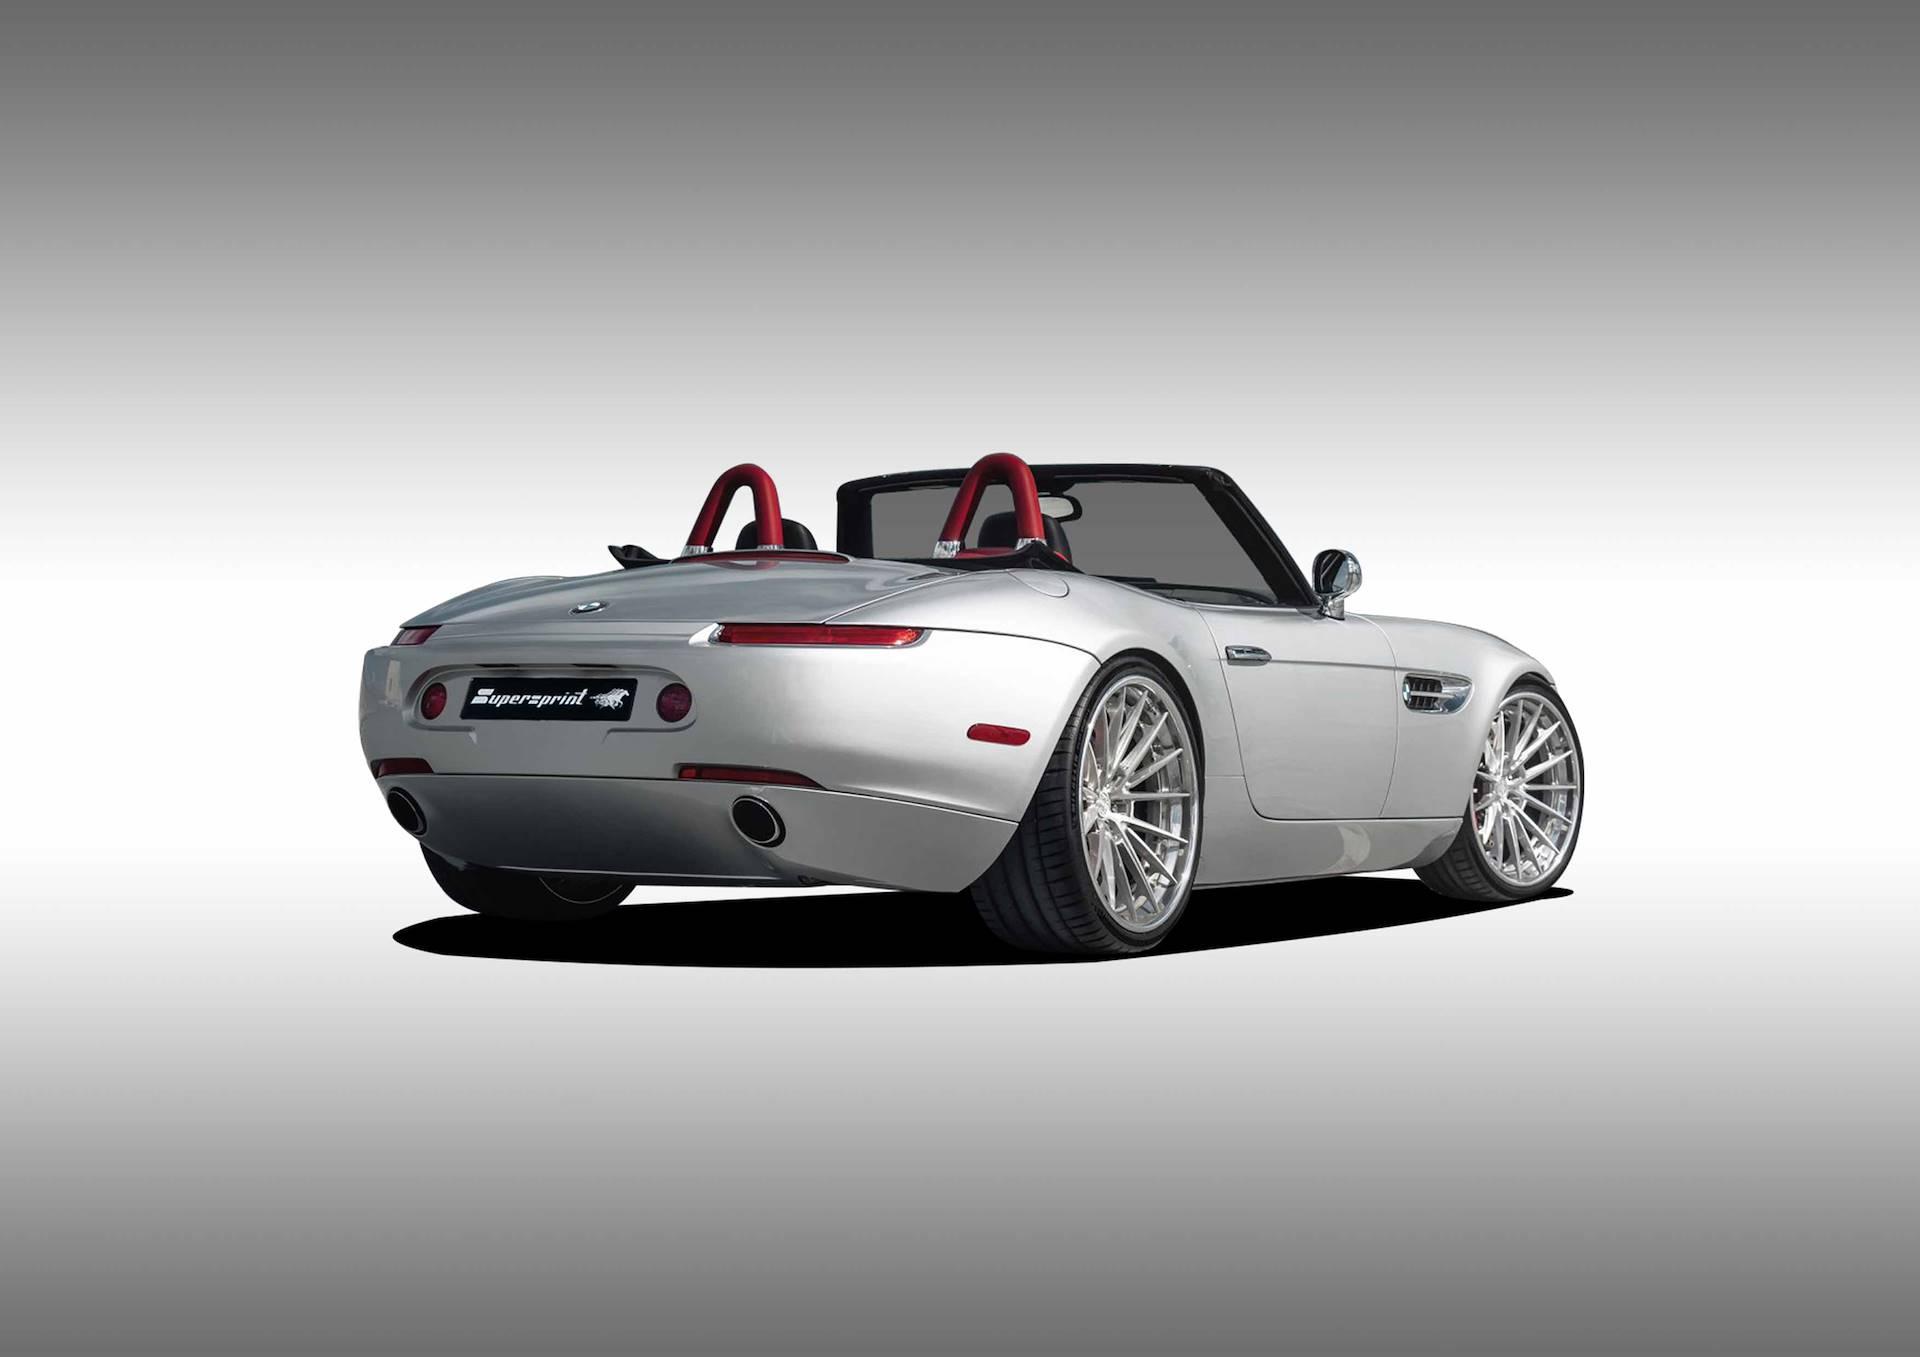 Supersprint udsøtdning til BMW Z8